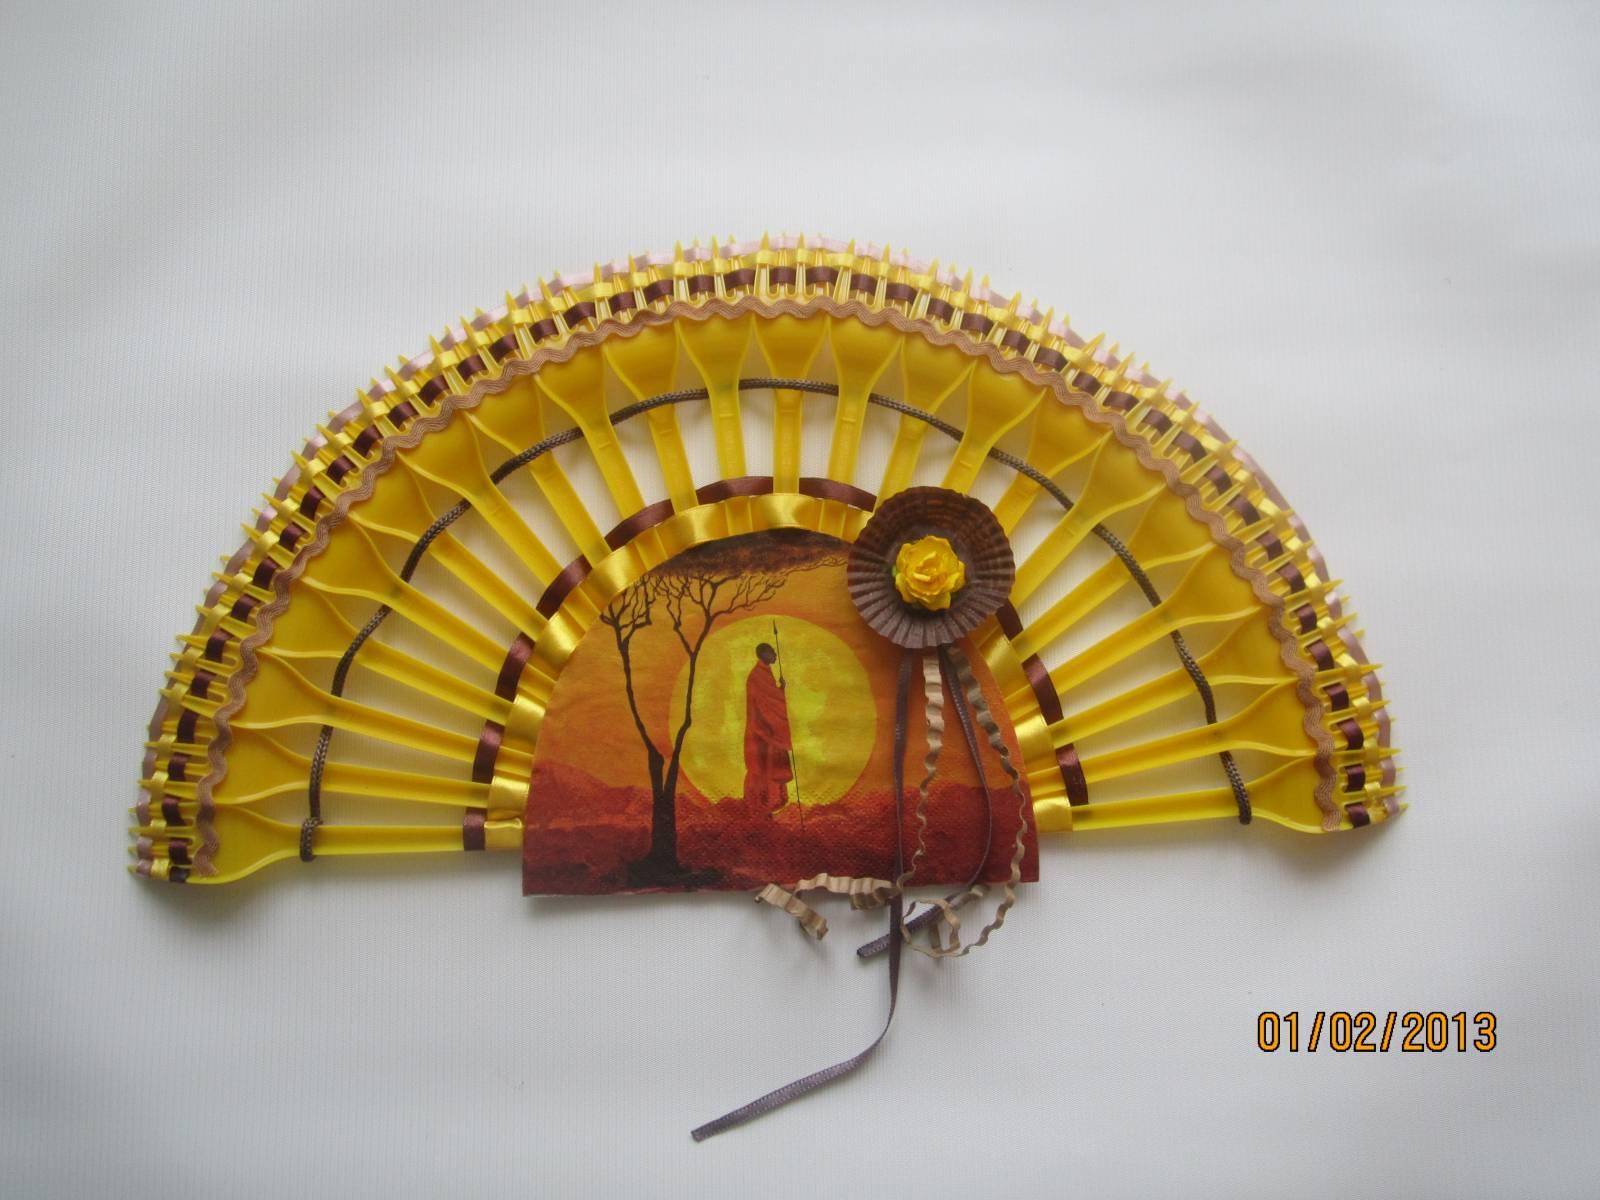 Как из пластмассовых вилок сделать веер